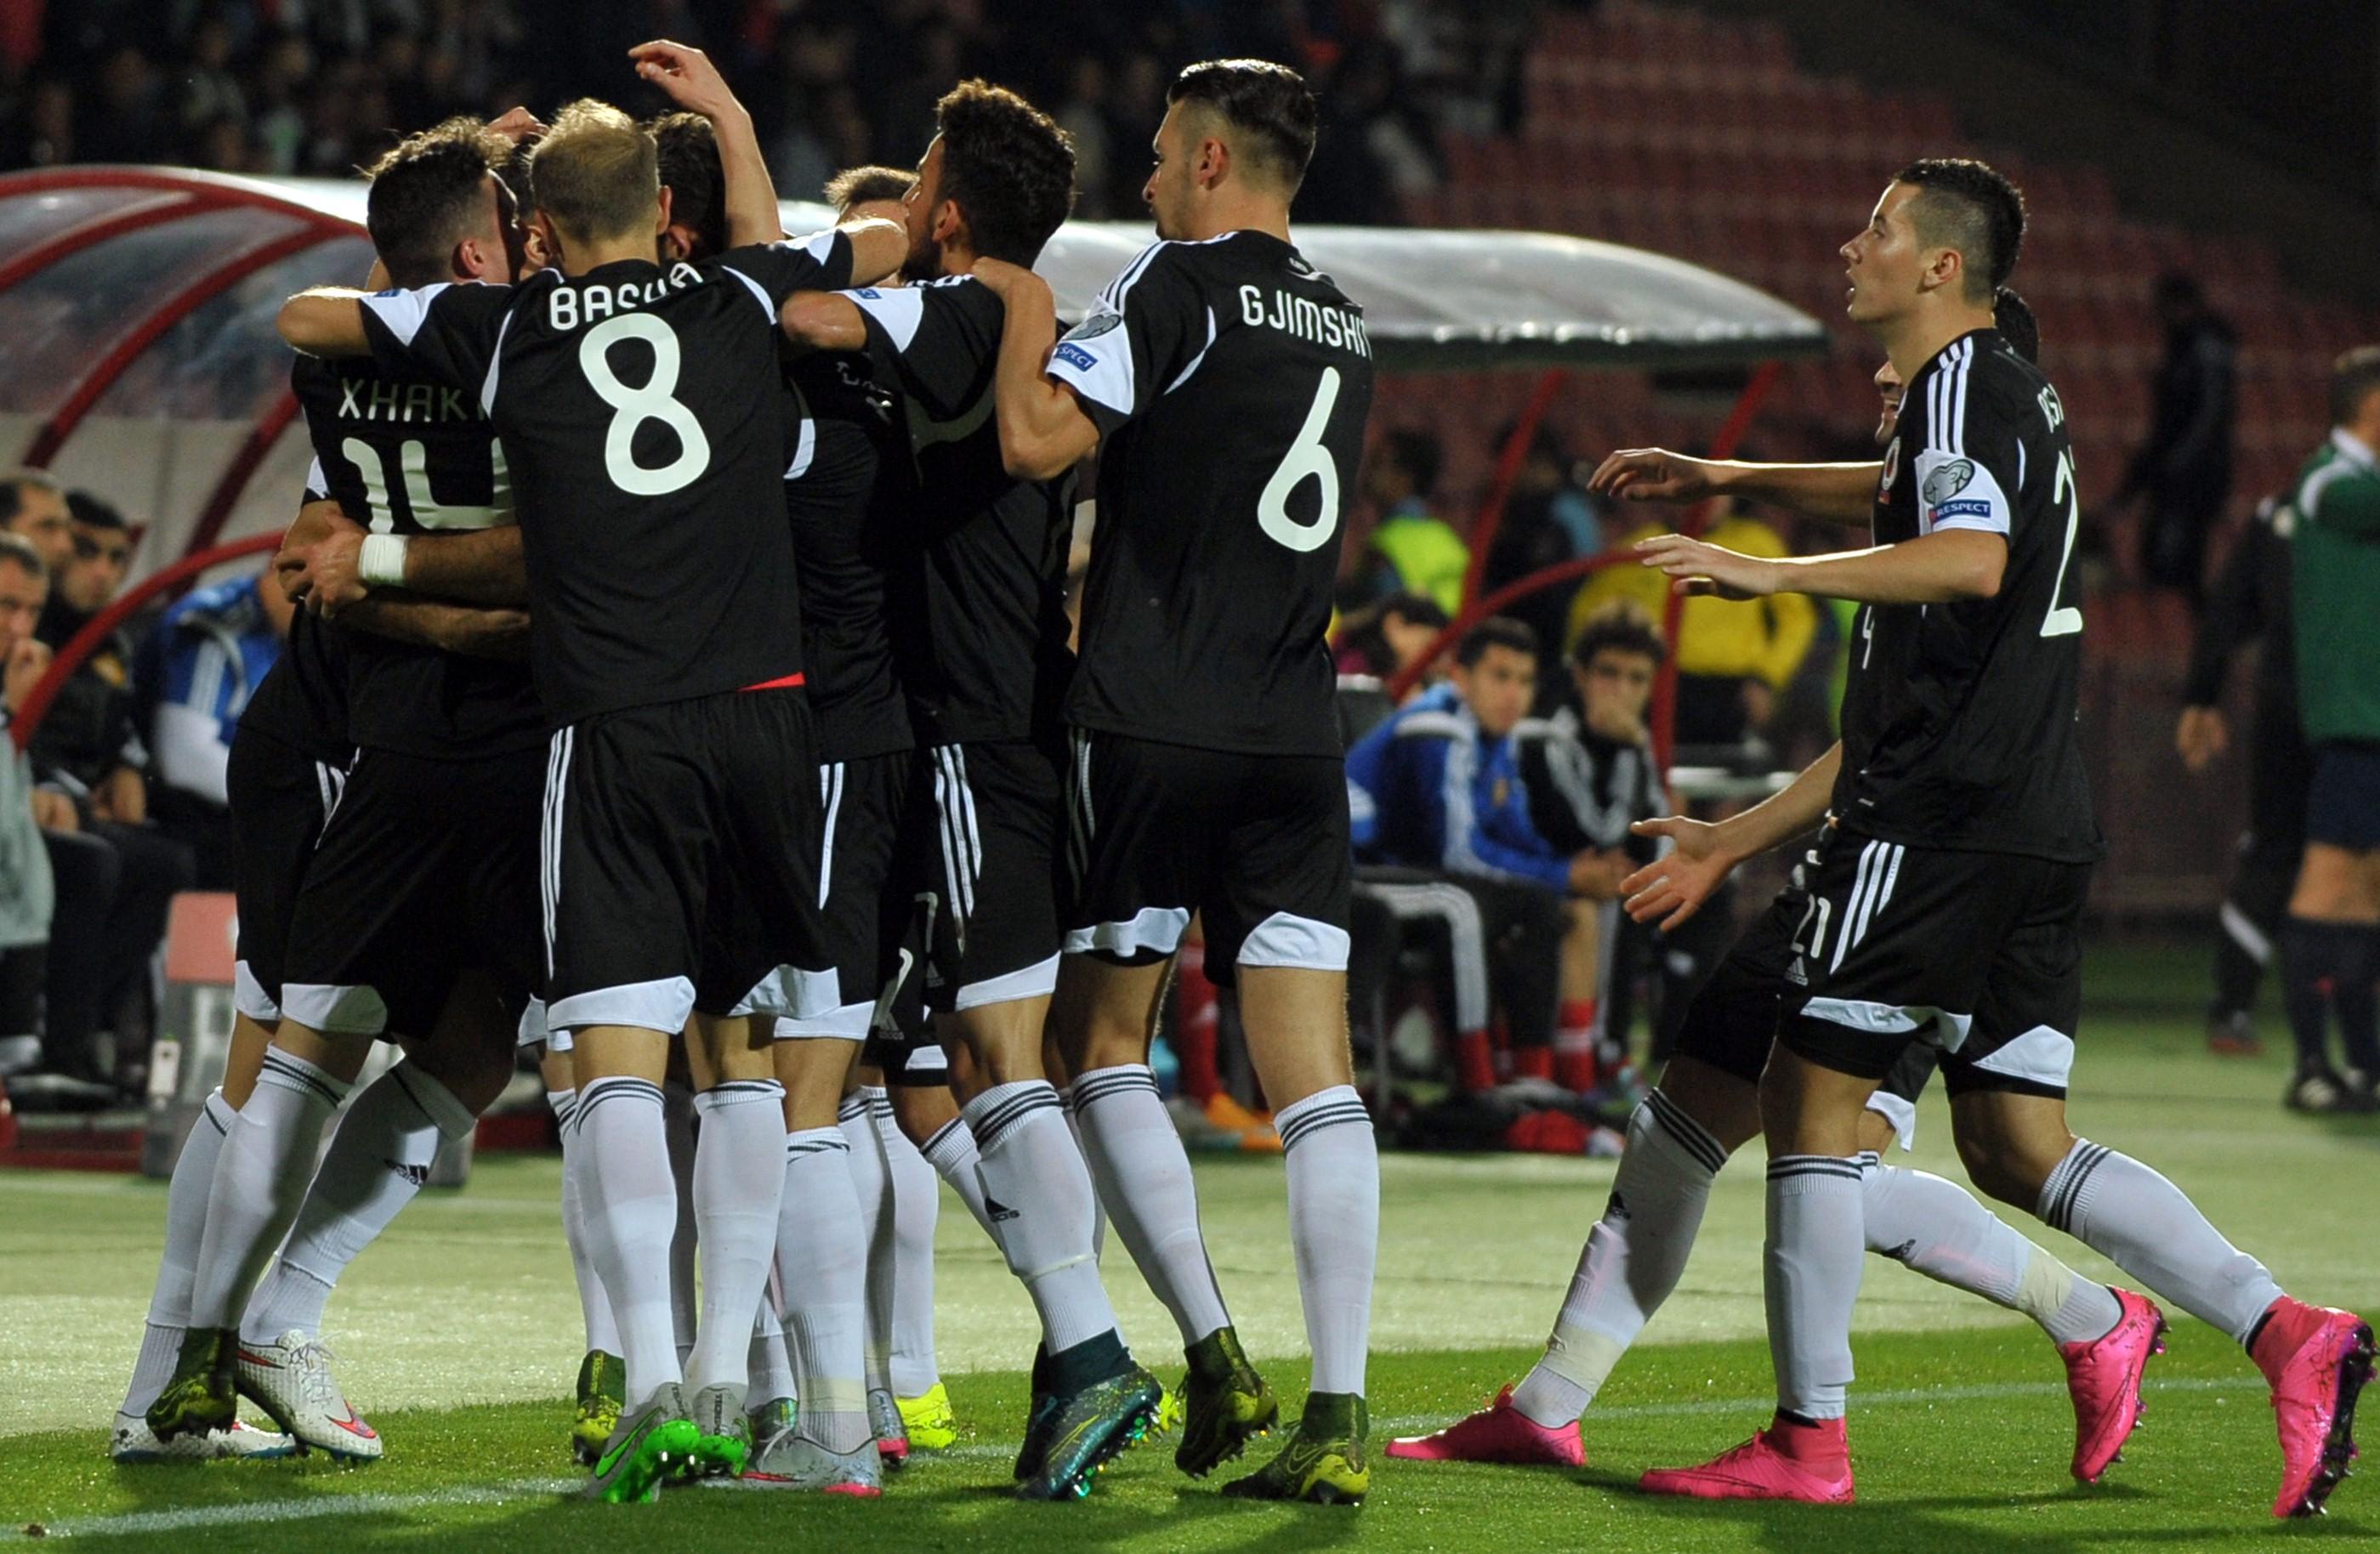 Албания выходит на Евро-2016